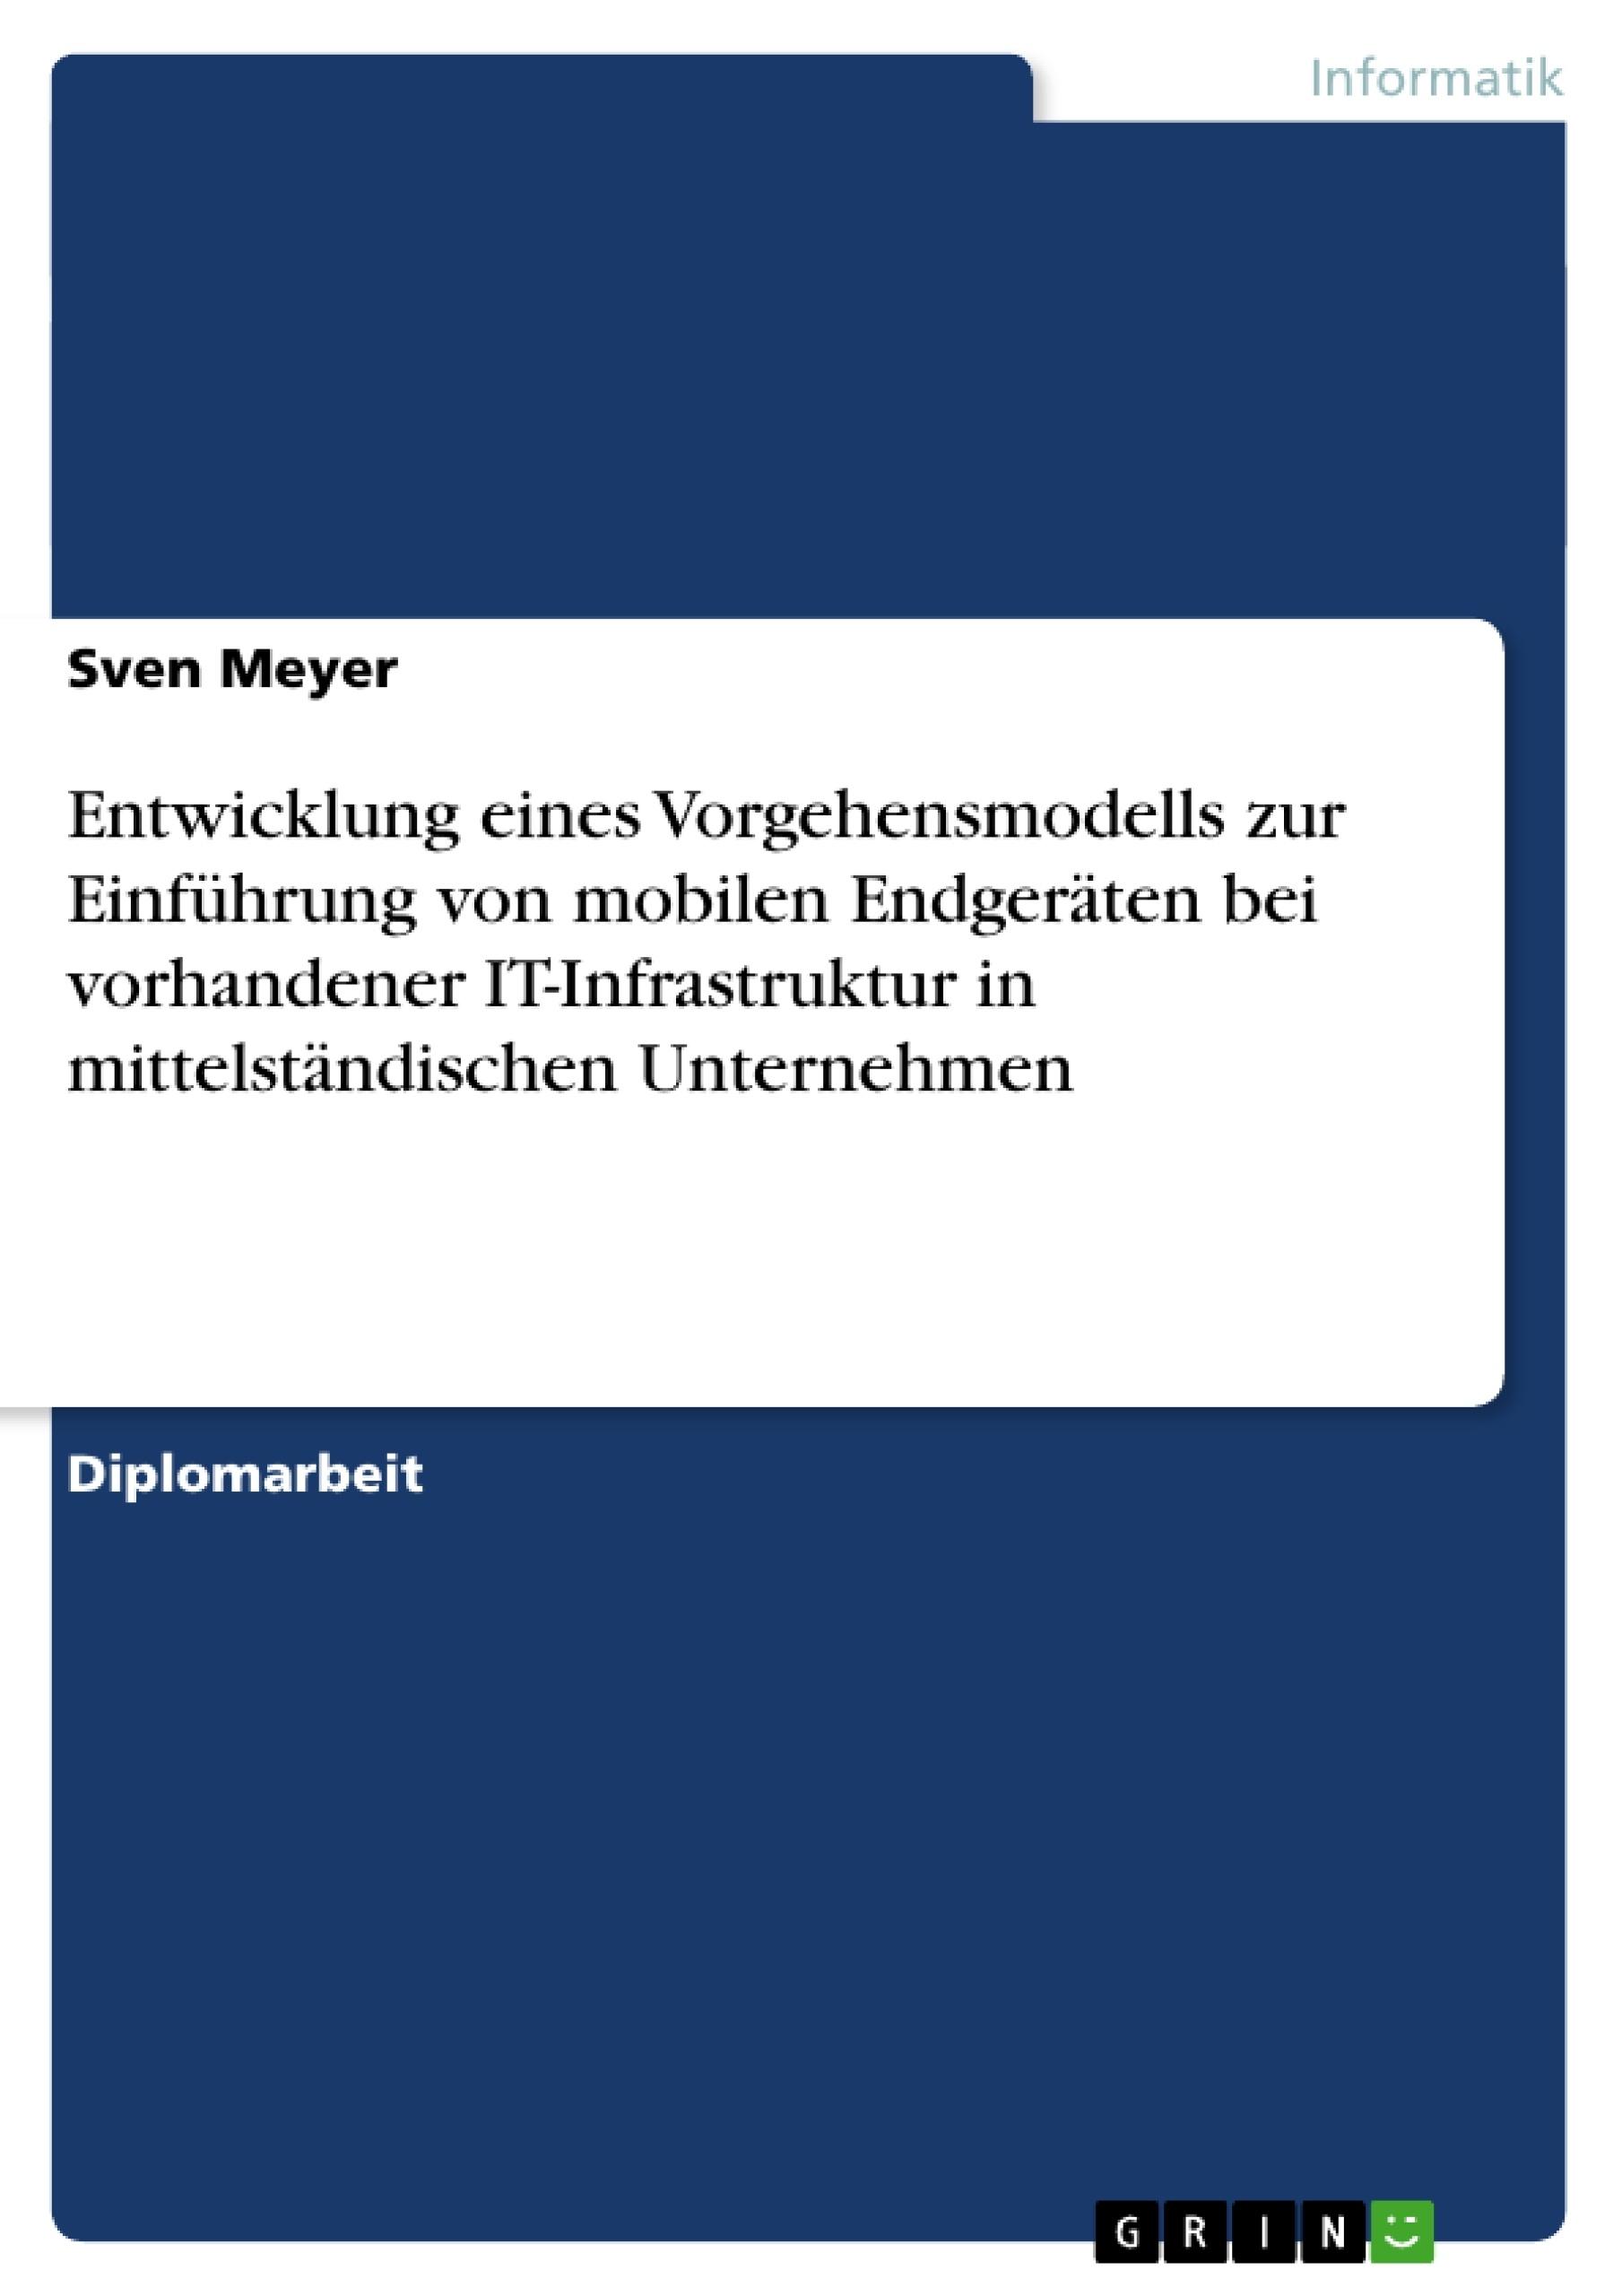 Titel: Entwicklung eines Vorgehensmodells zur Einführung von mobilen Endgeräten bei vorhandener IT-Infrastruktur in mittelständischen Unternehmen